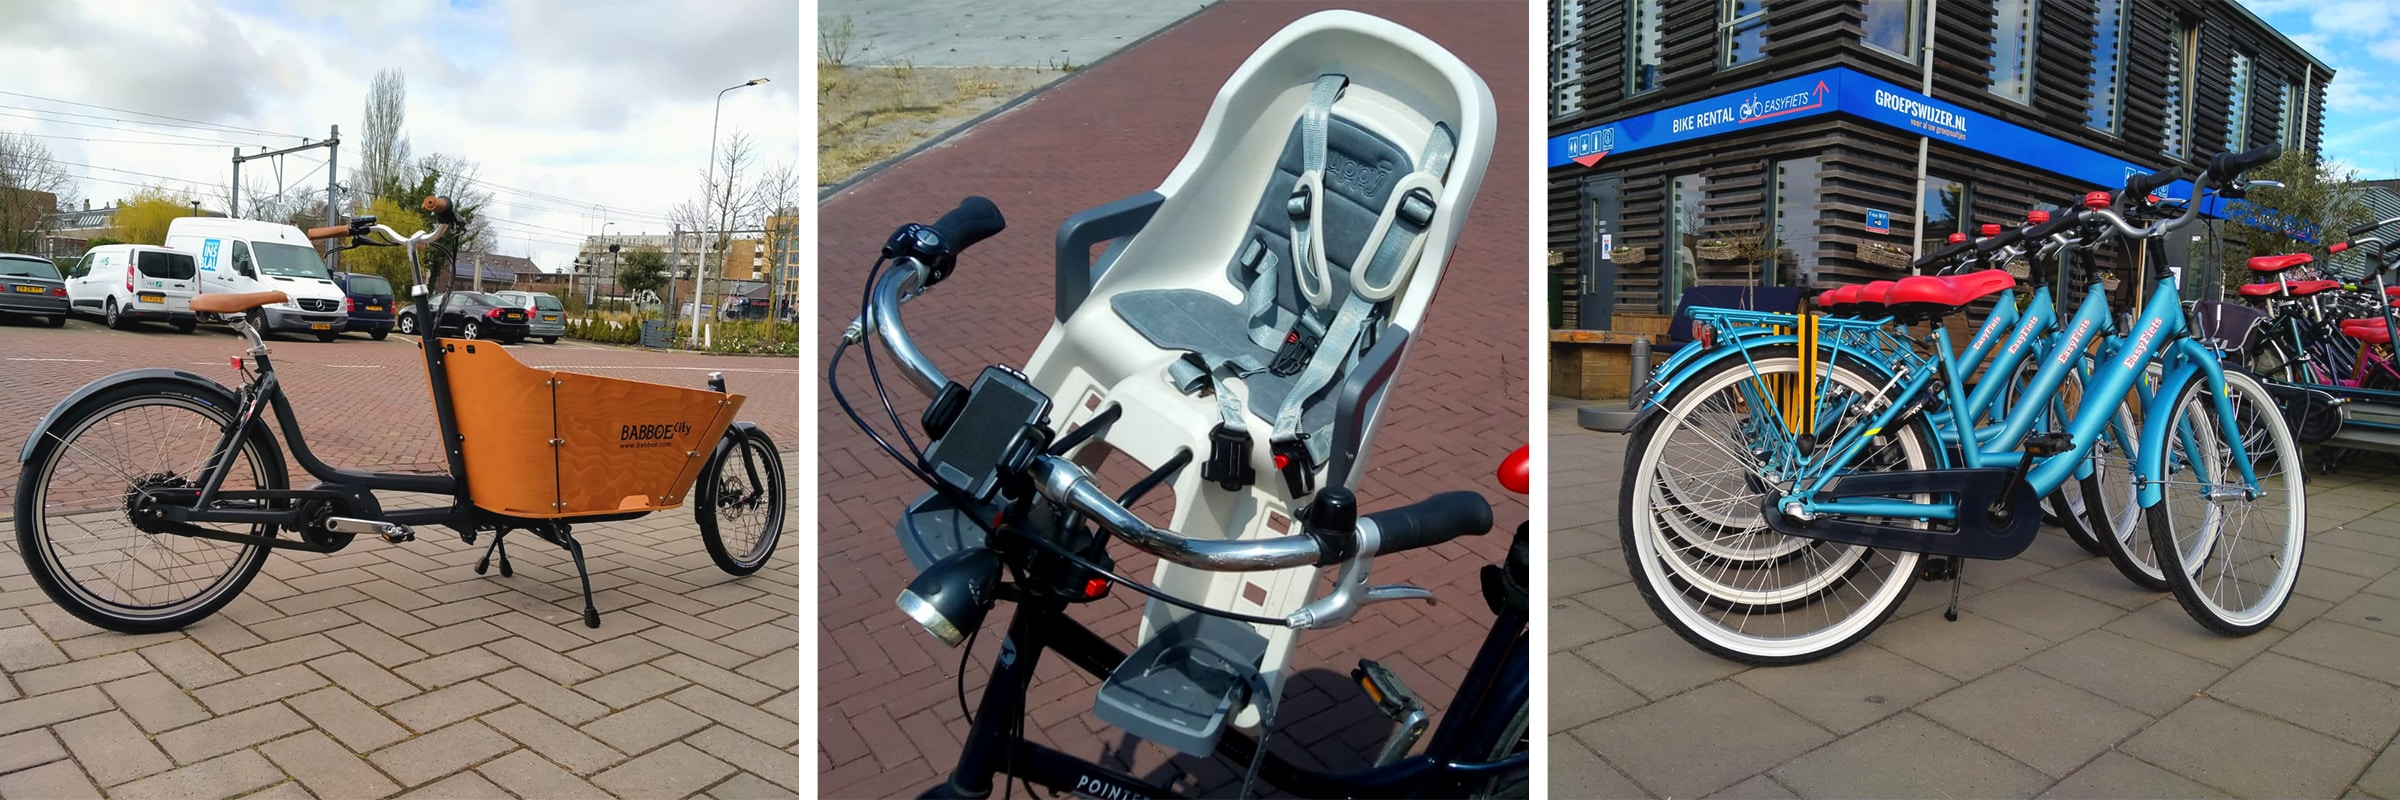 Huur een kinderfiets of elektrische bakfiets om op pad te gaan met je kinderen. Leuke fietstocht met de familie.